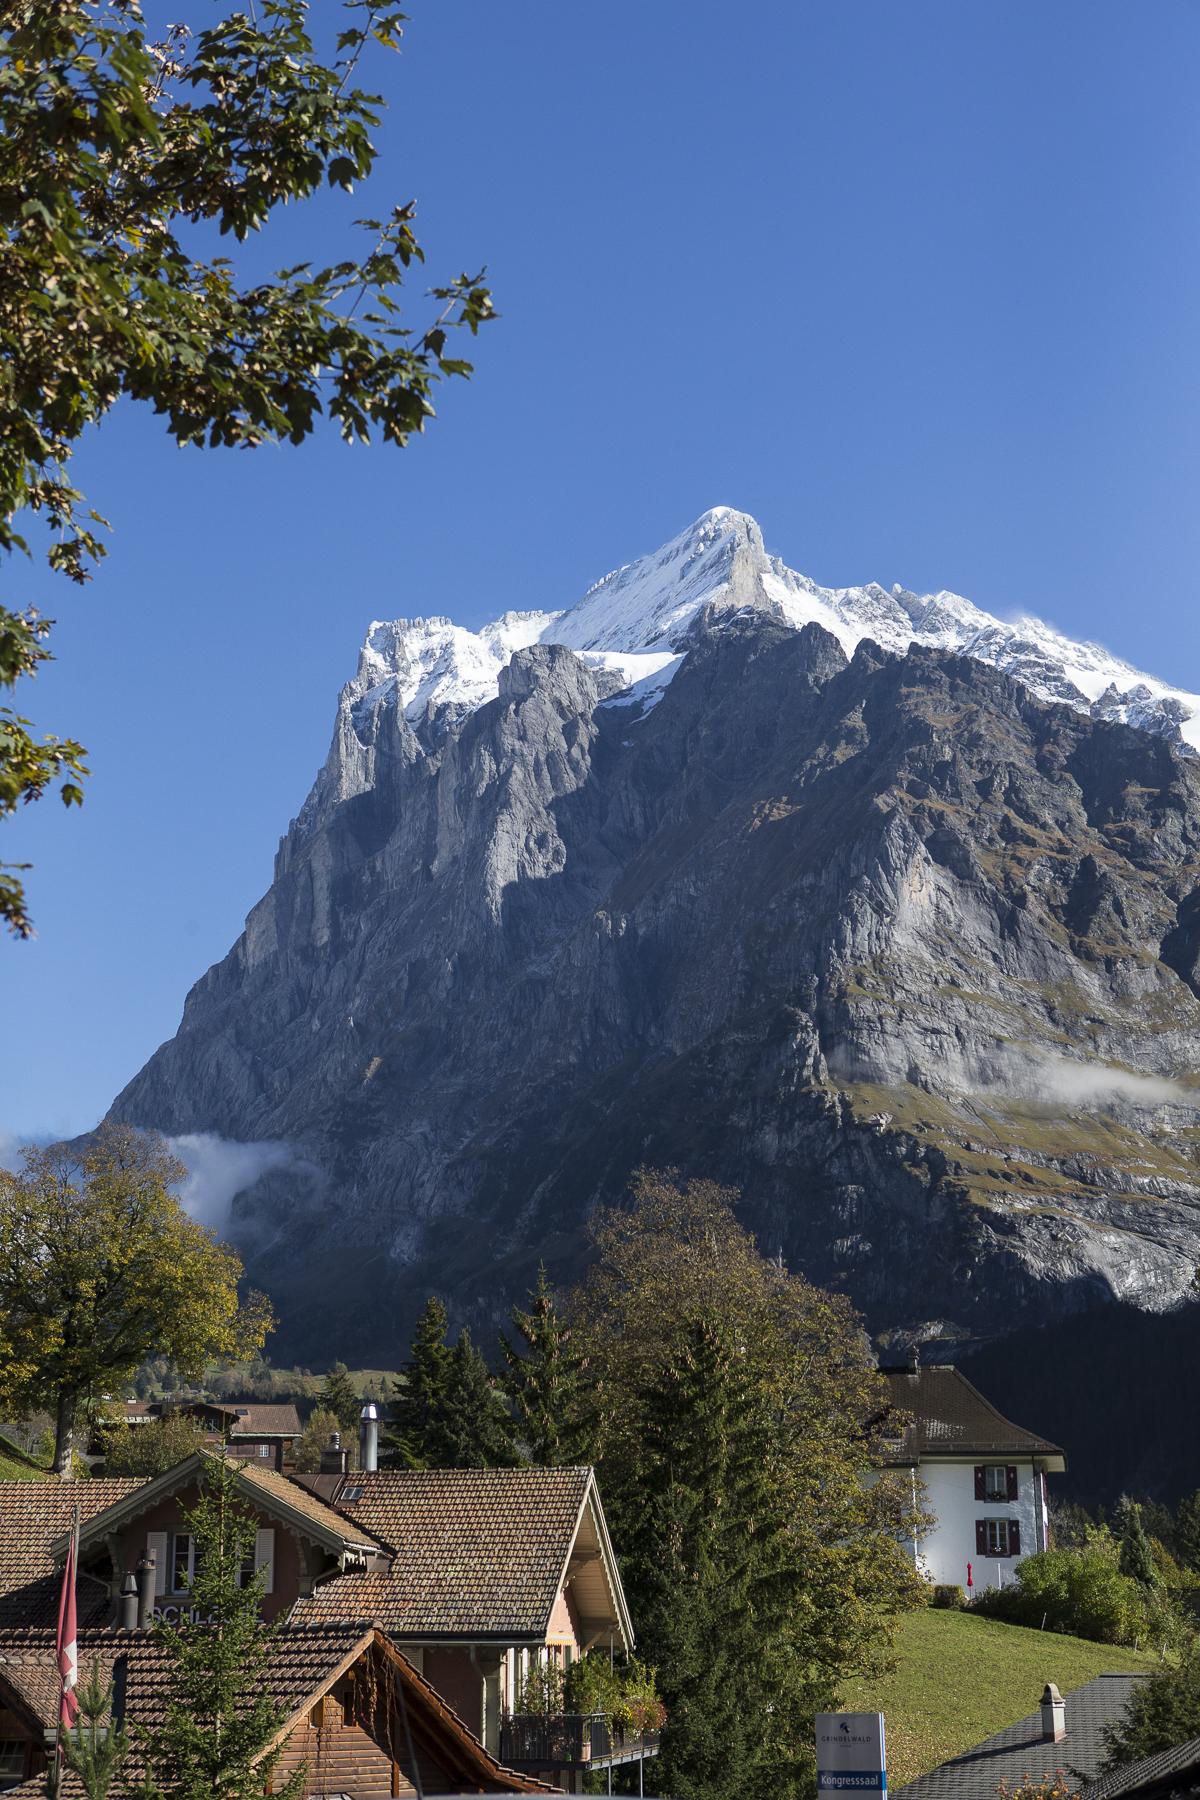 Grindelwald-Interlaken-Lauterbrunnen-1.jpg